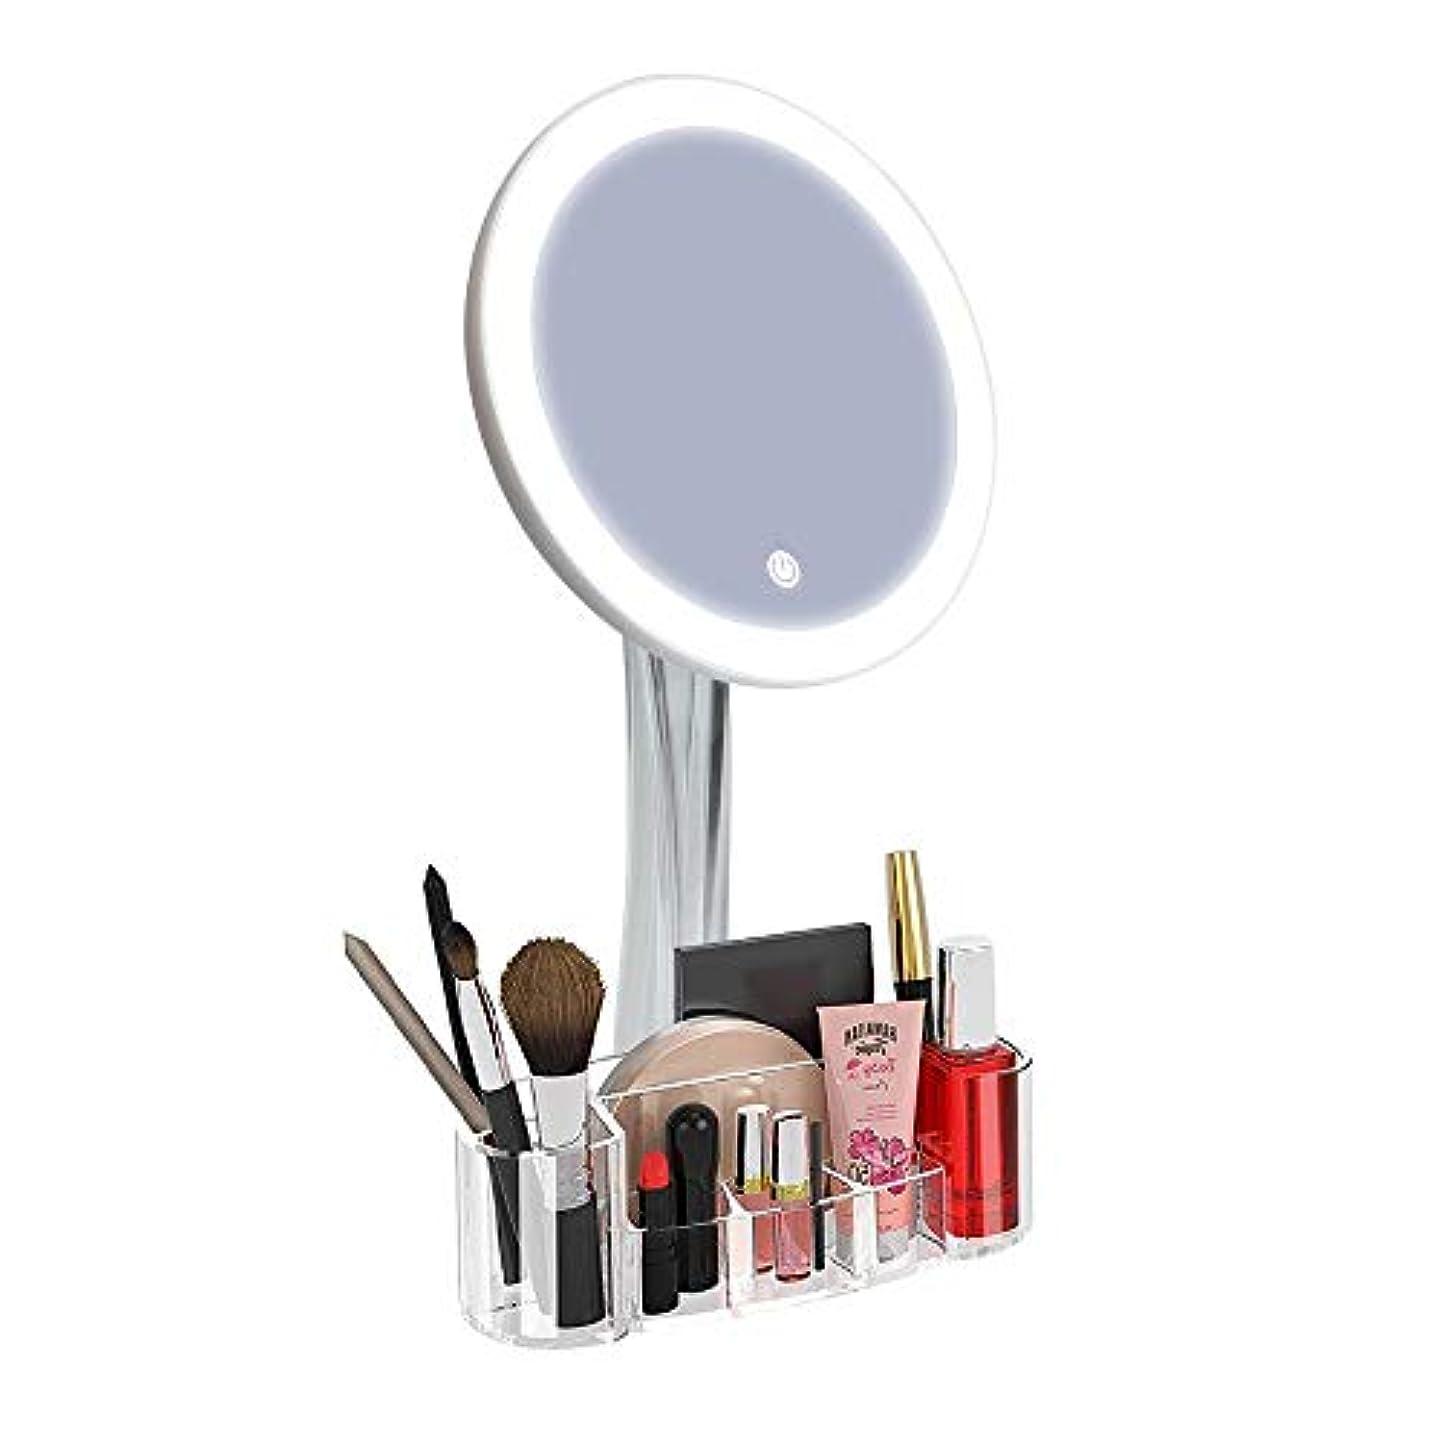 パトワマティスメダル化粧鏡 メイクミラー 女優ミラー 鏡 卓上 16LEDライト付きミラー タッチスクリーン付きミラー 5倍拡大鏡 化粧品収納ボックス 明るさ調節可能 180度回転 USB/単三電池給電